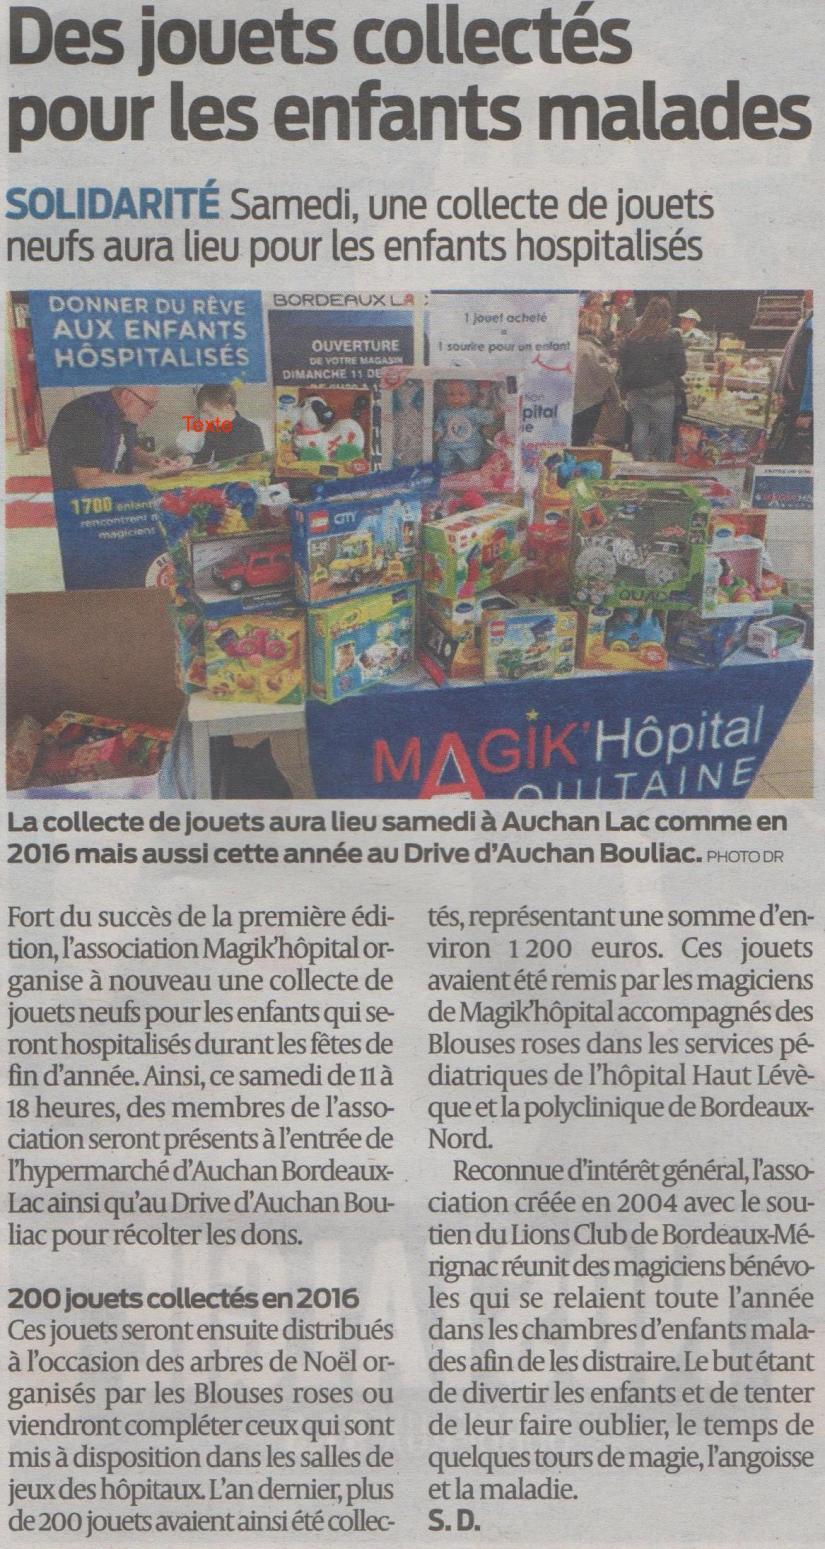 Articlesud ouest 07 12 2017 Collecte de jouets magik hopital